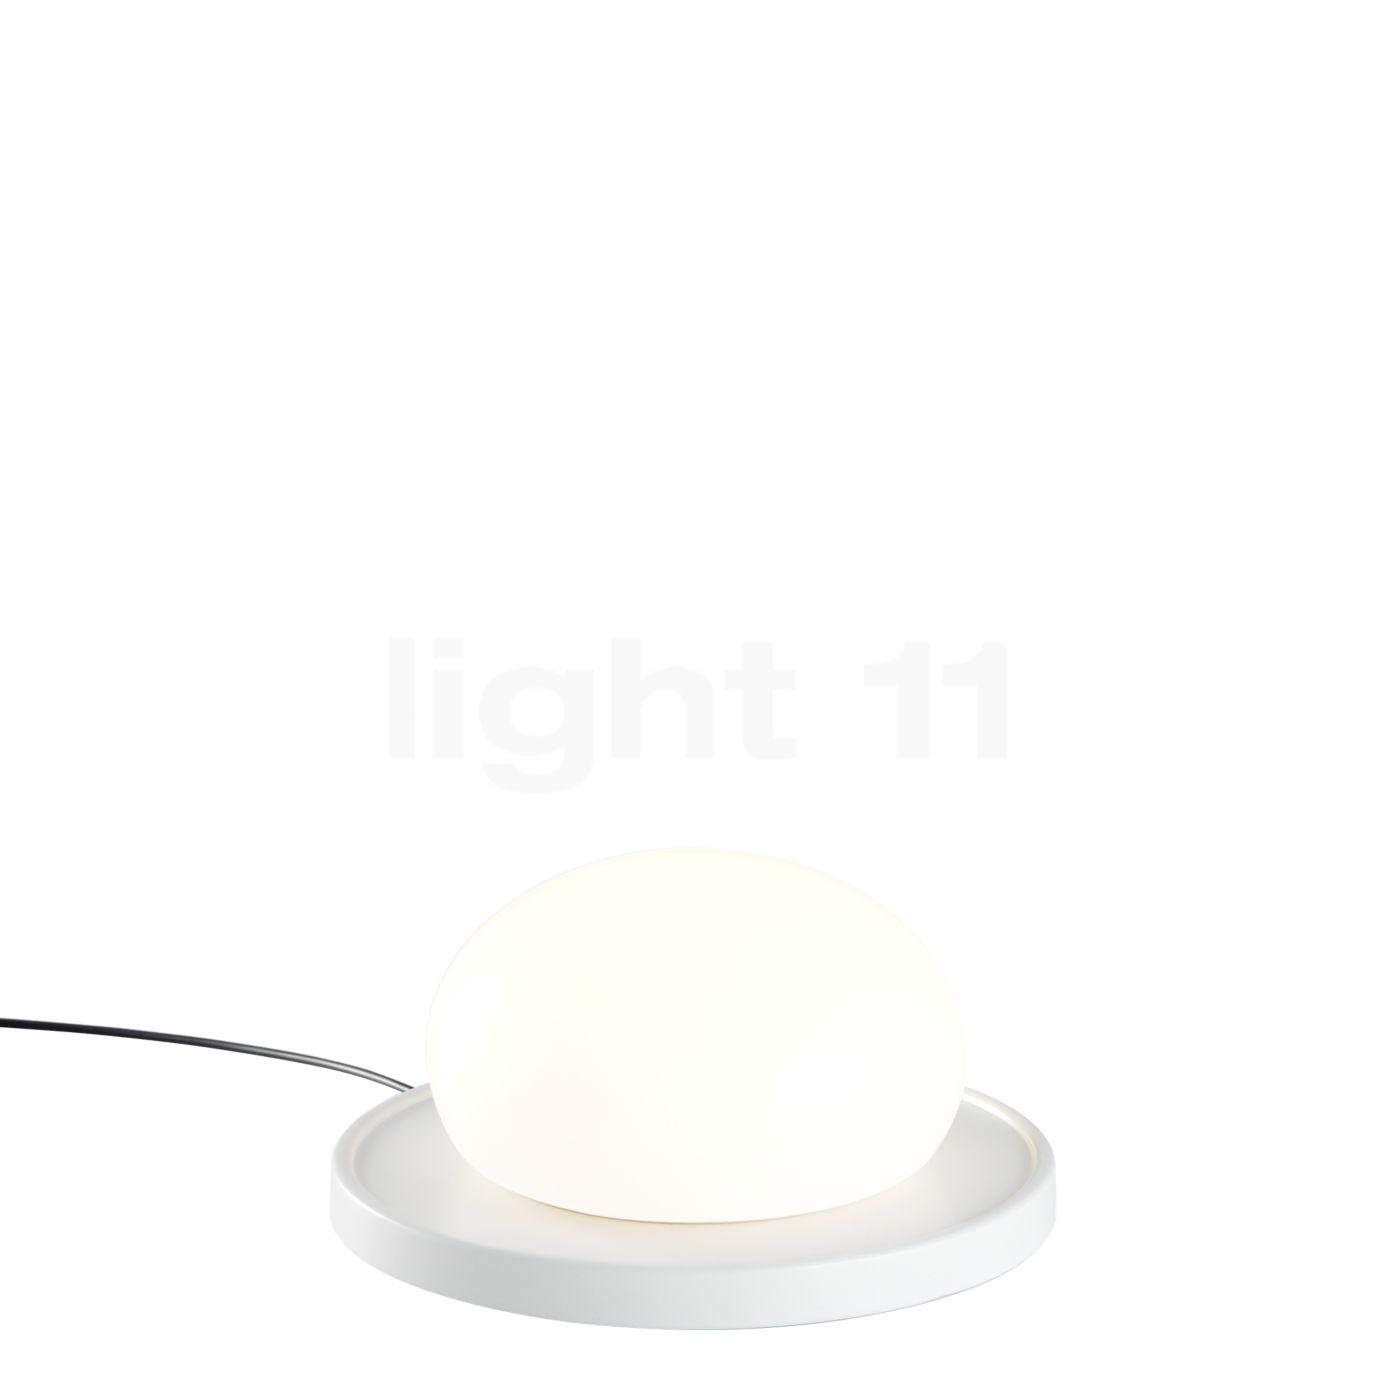 Marset Bolita Tischleuchte LED, weiß A695-001